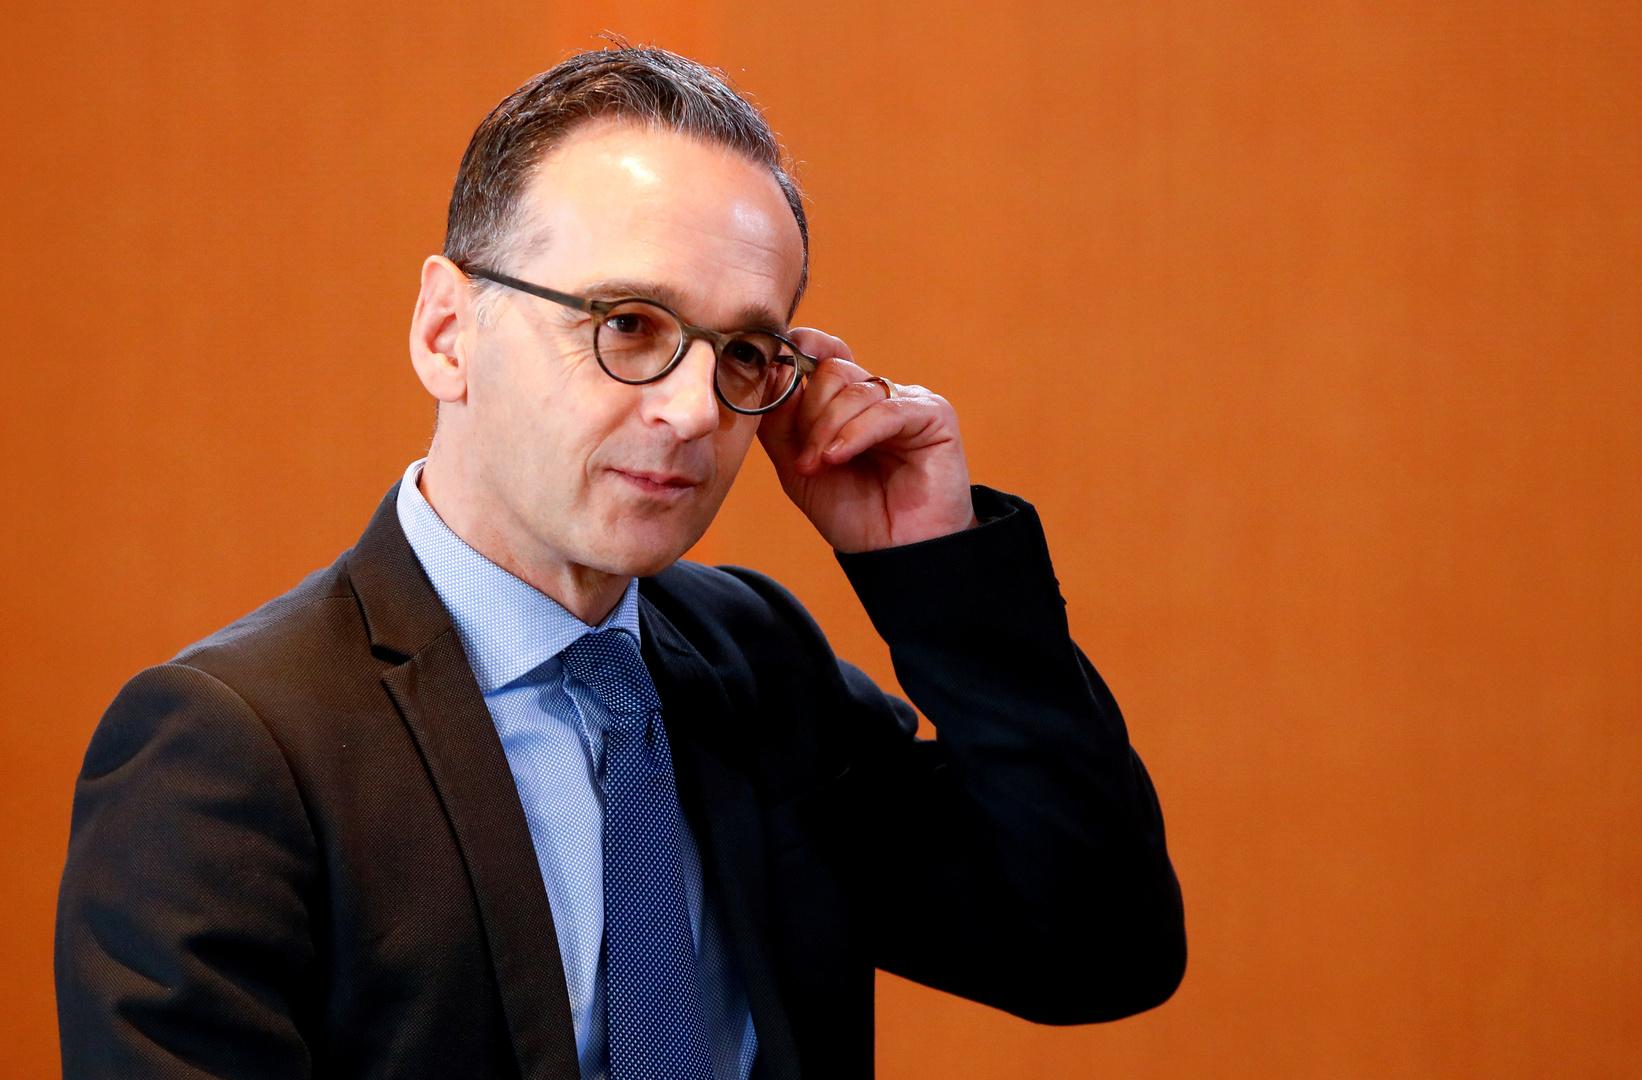 برلين: القانون الخاص بأنابيب الغاز يتفق مع توجيه الاتحاد الأوروبي